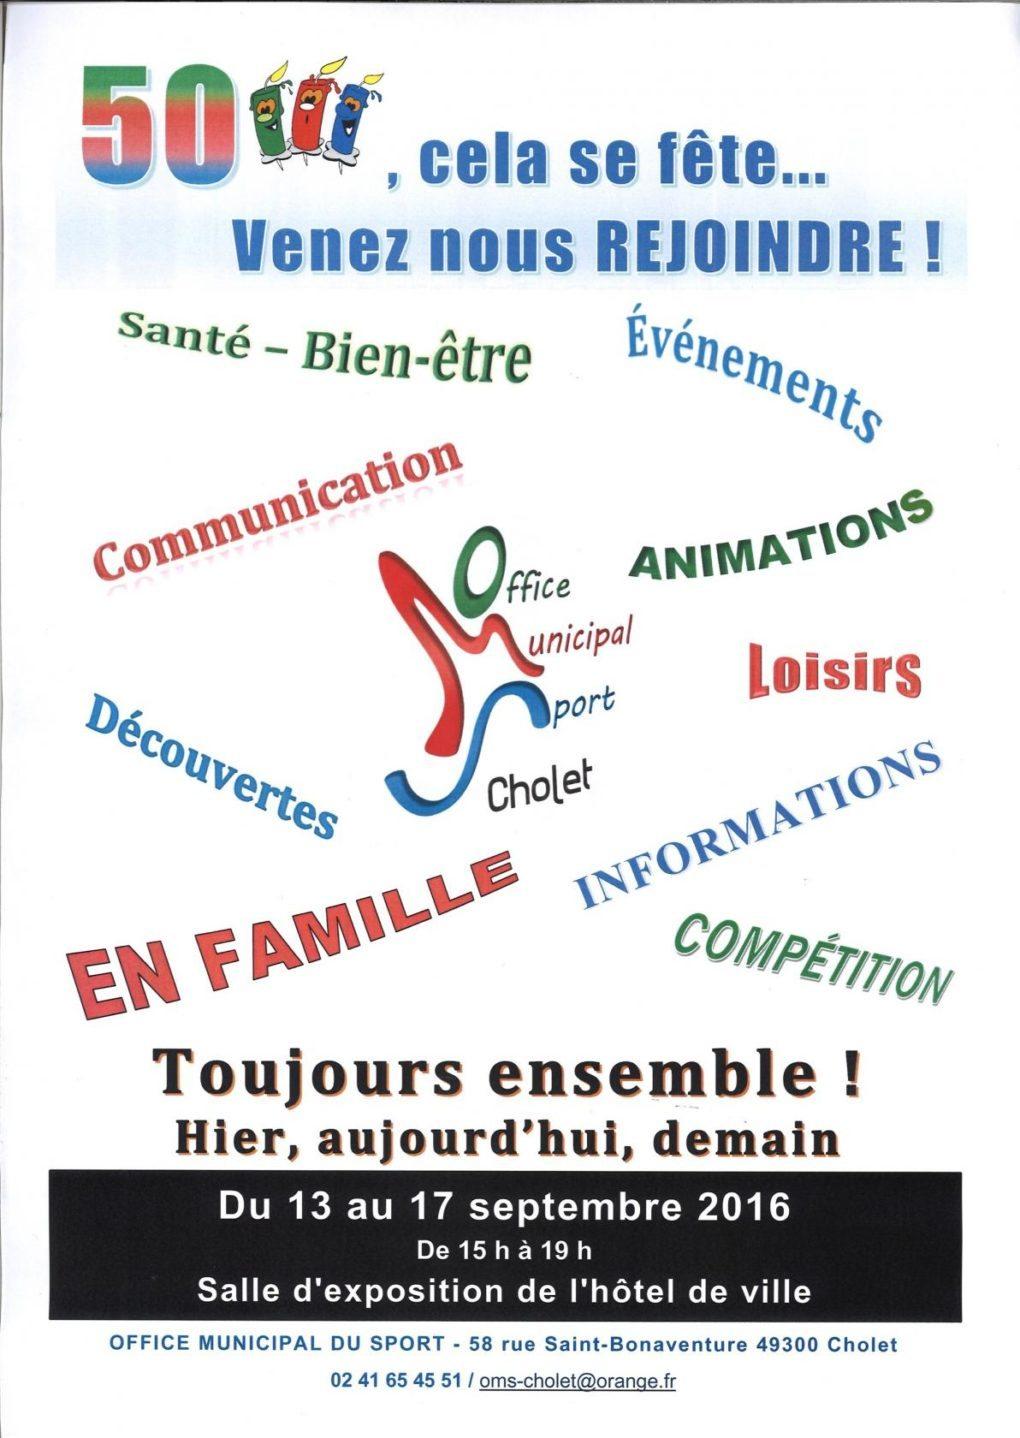 Une expo pour les 50 ans de l'Office municipal du sport Cholet